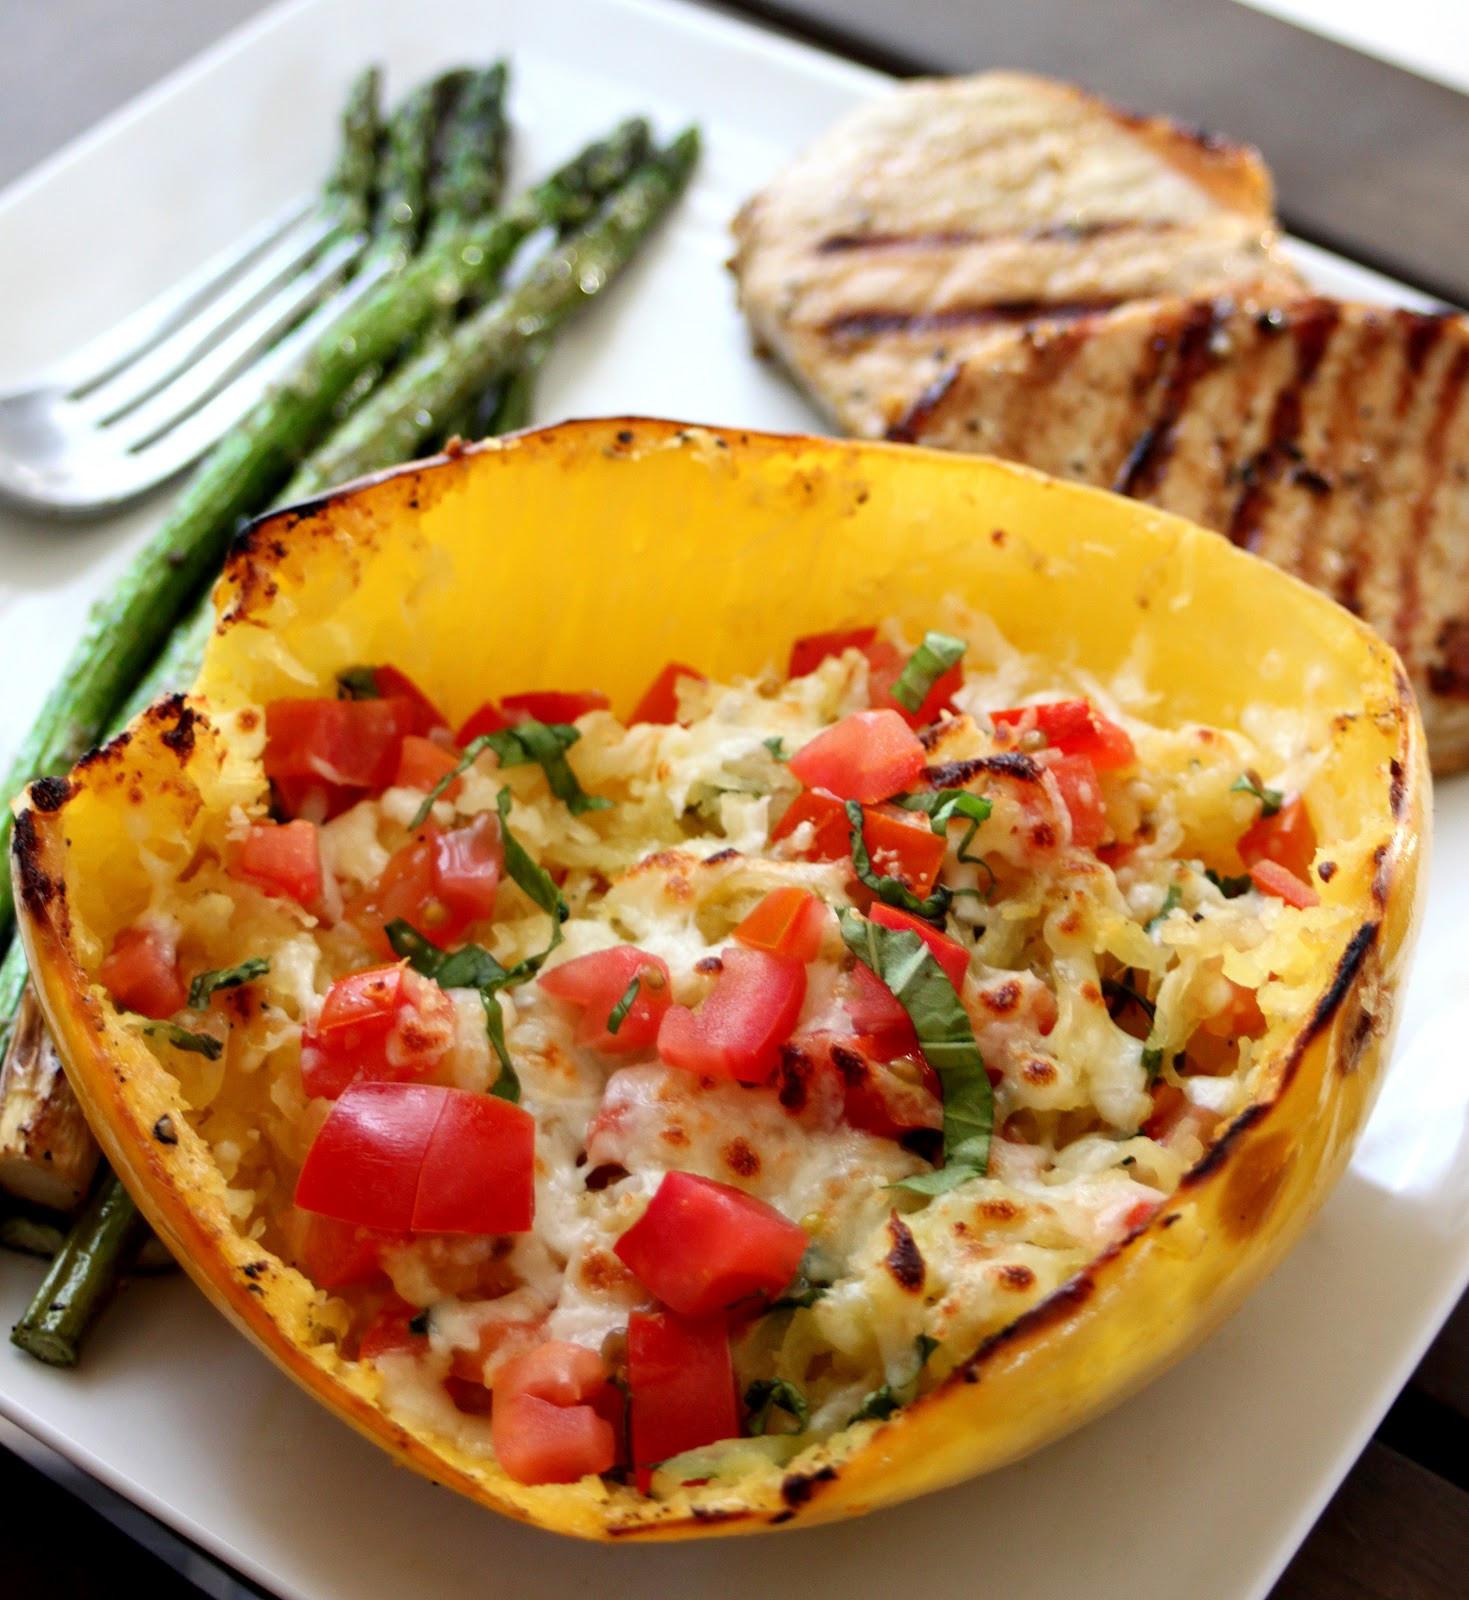 Spaghetti Squash Healthy Recipes  Phoenix Family Foo Blog Gluten Free Goodness Baked